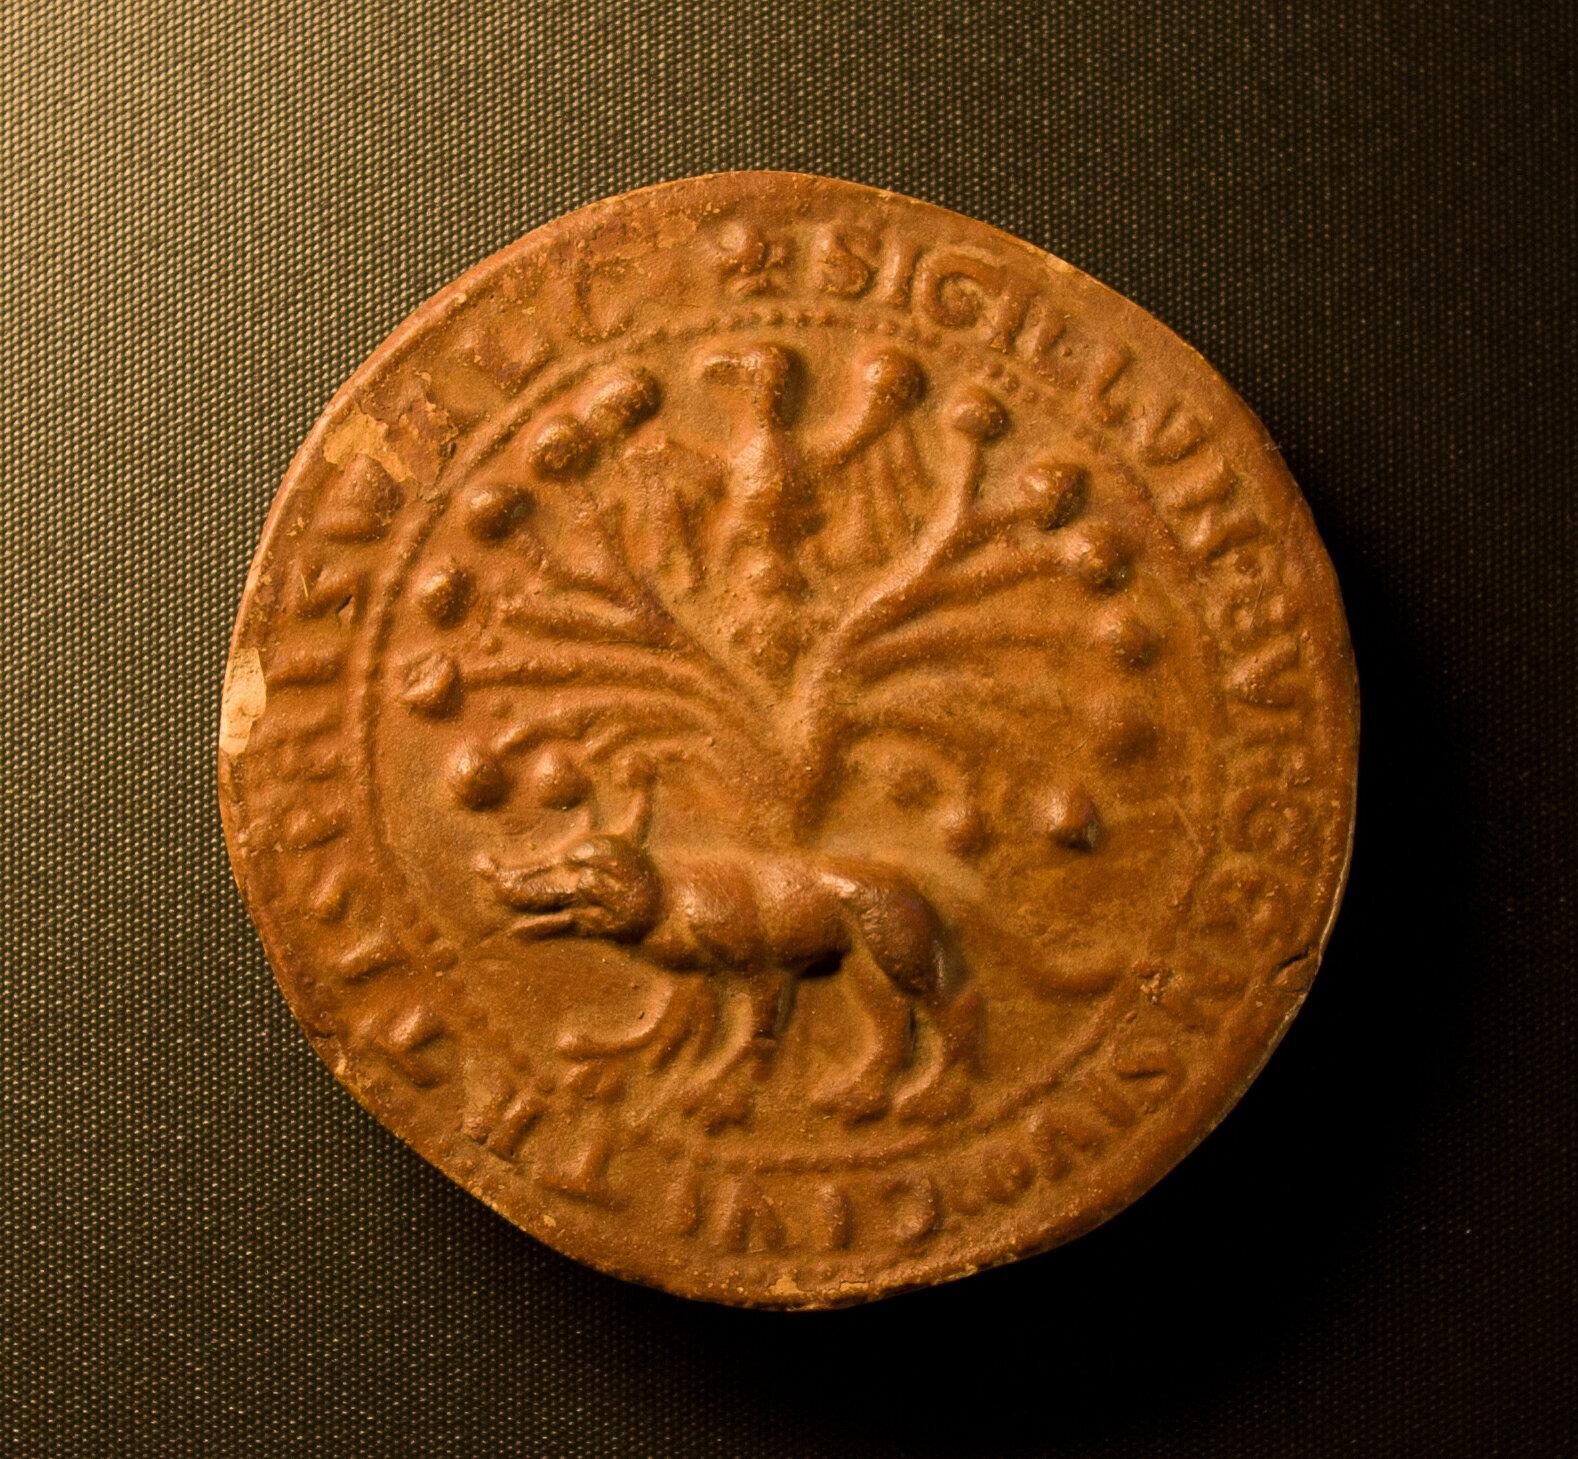 Wolf und Linde in einem Pritzwalker Siegel aus dem beginnenden 14. Jahrhundert. Quelle: Museumsfabrik Pritzwalk